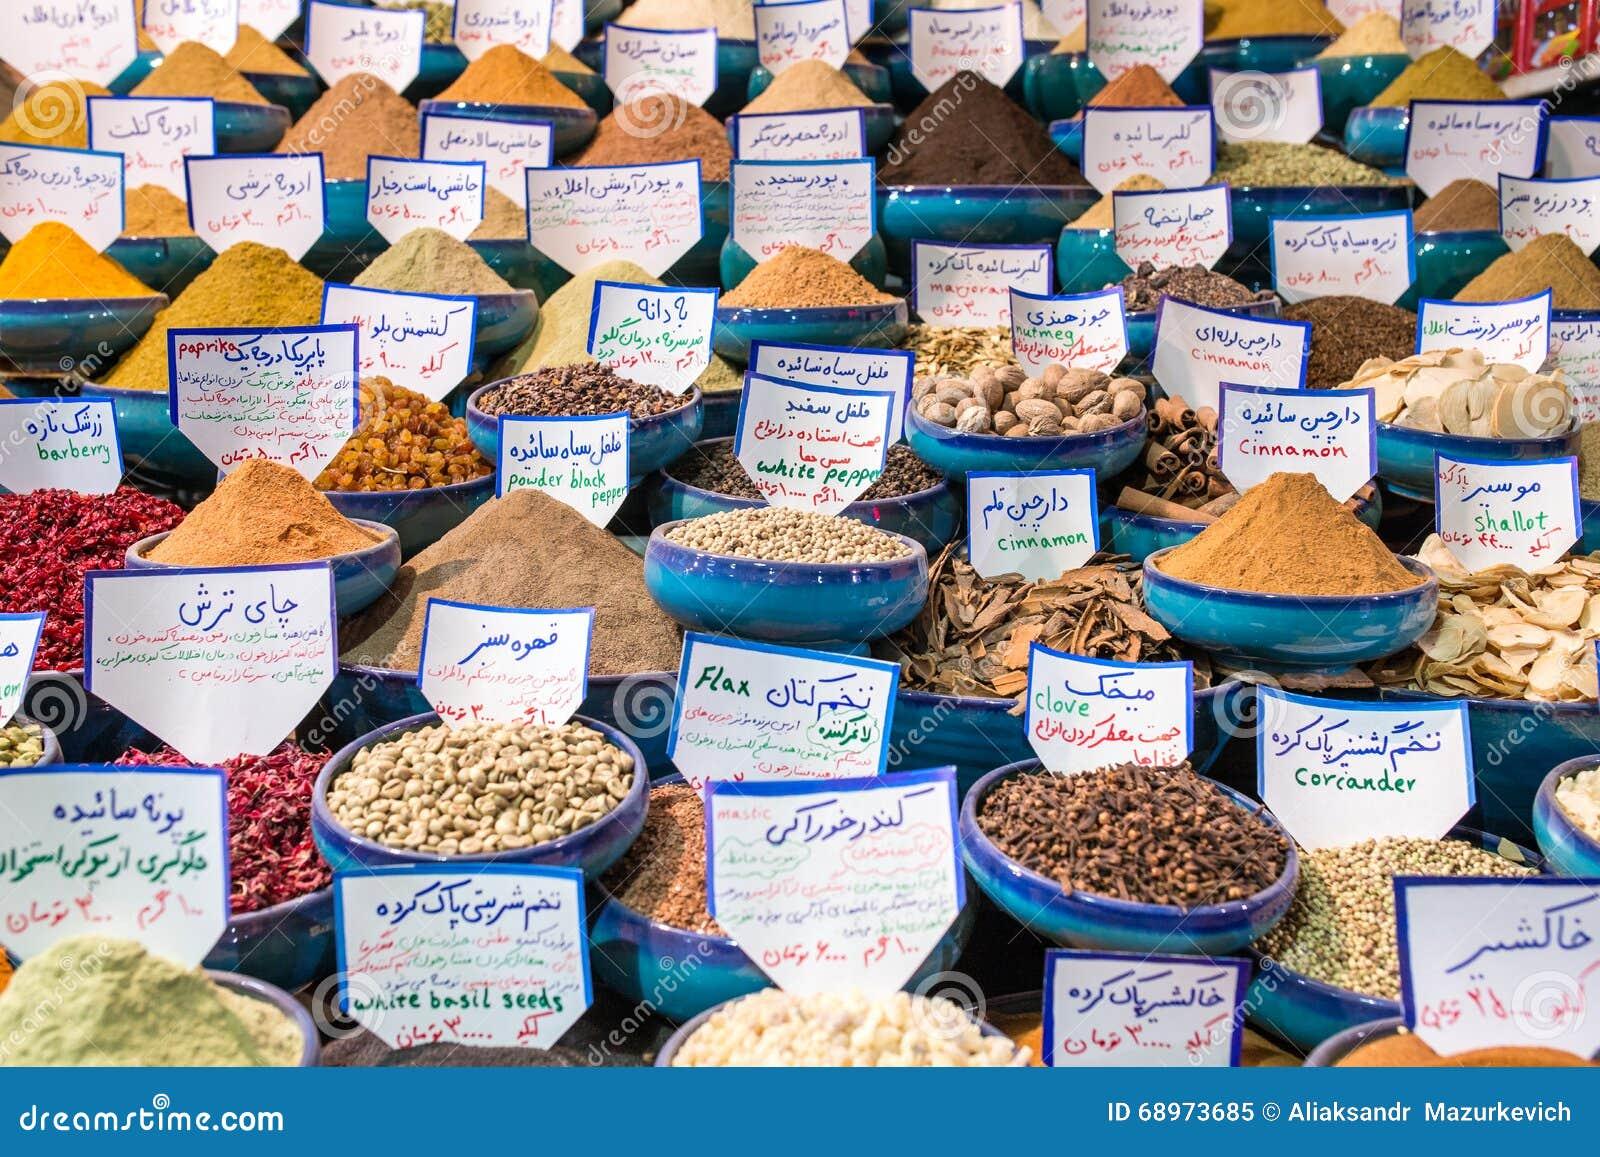 Verscheidenheid van kruiden op de Iraanse markt in Shiraz